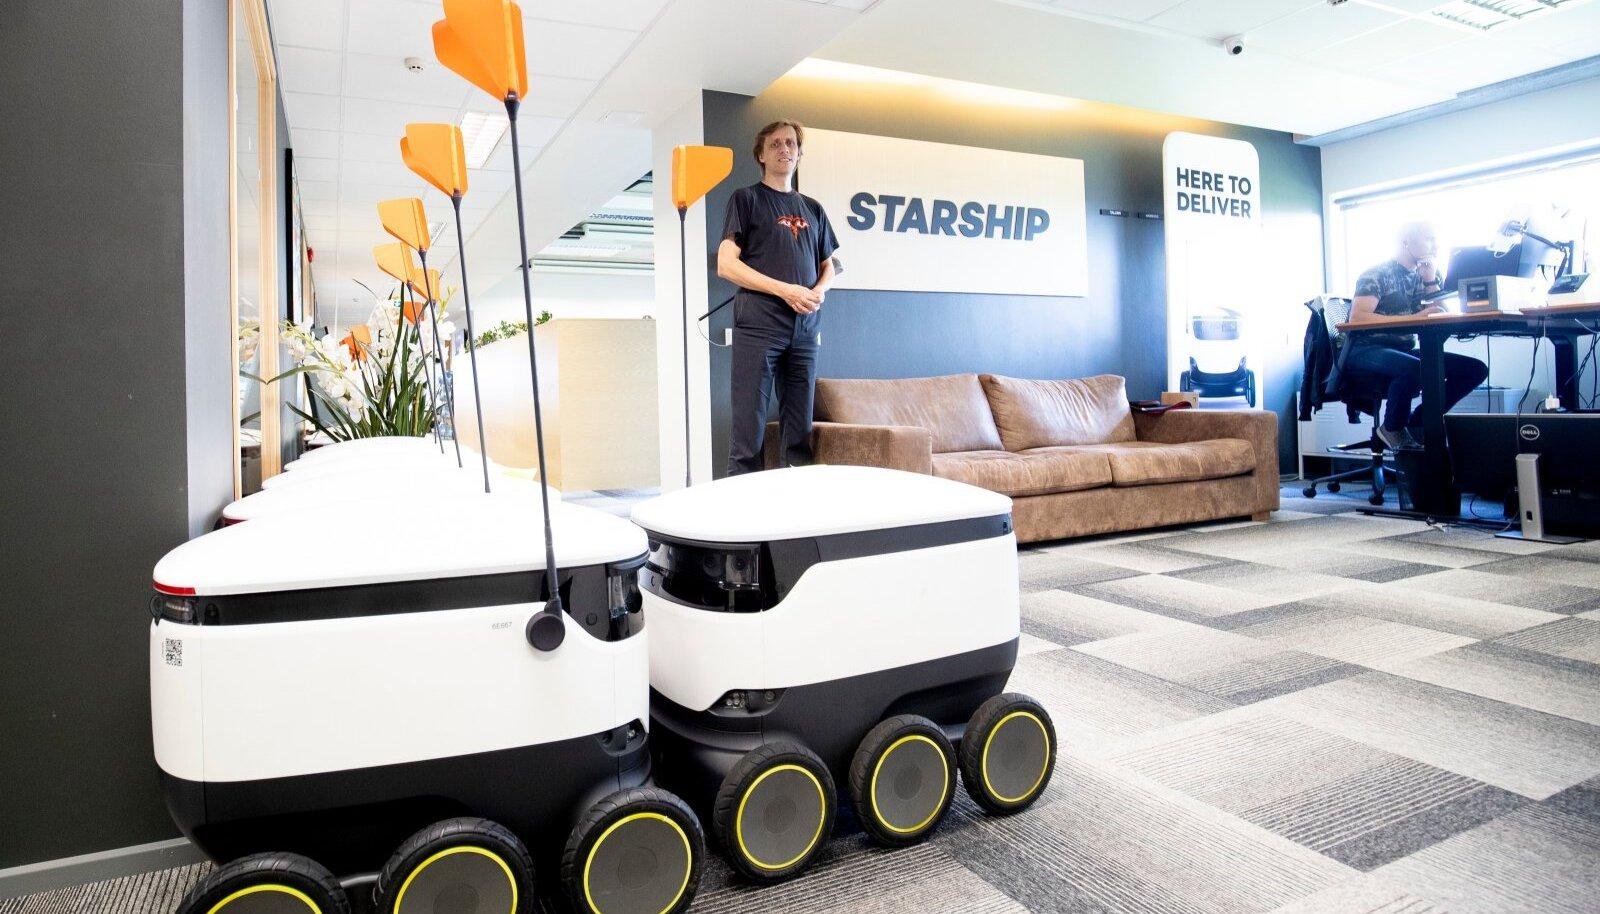 Starshipi kaasasutaja Ahti Heinla sõnul on uue tegevjuhi ülesandeks ettevõtte tüürimine läbi eesoleva kasvufaasi.